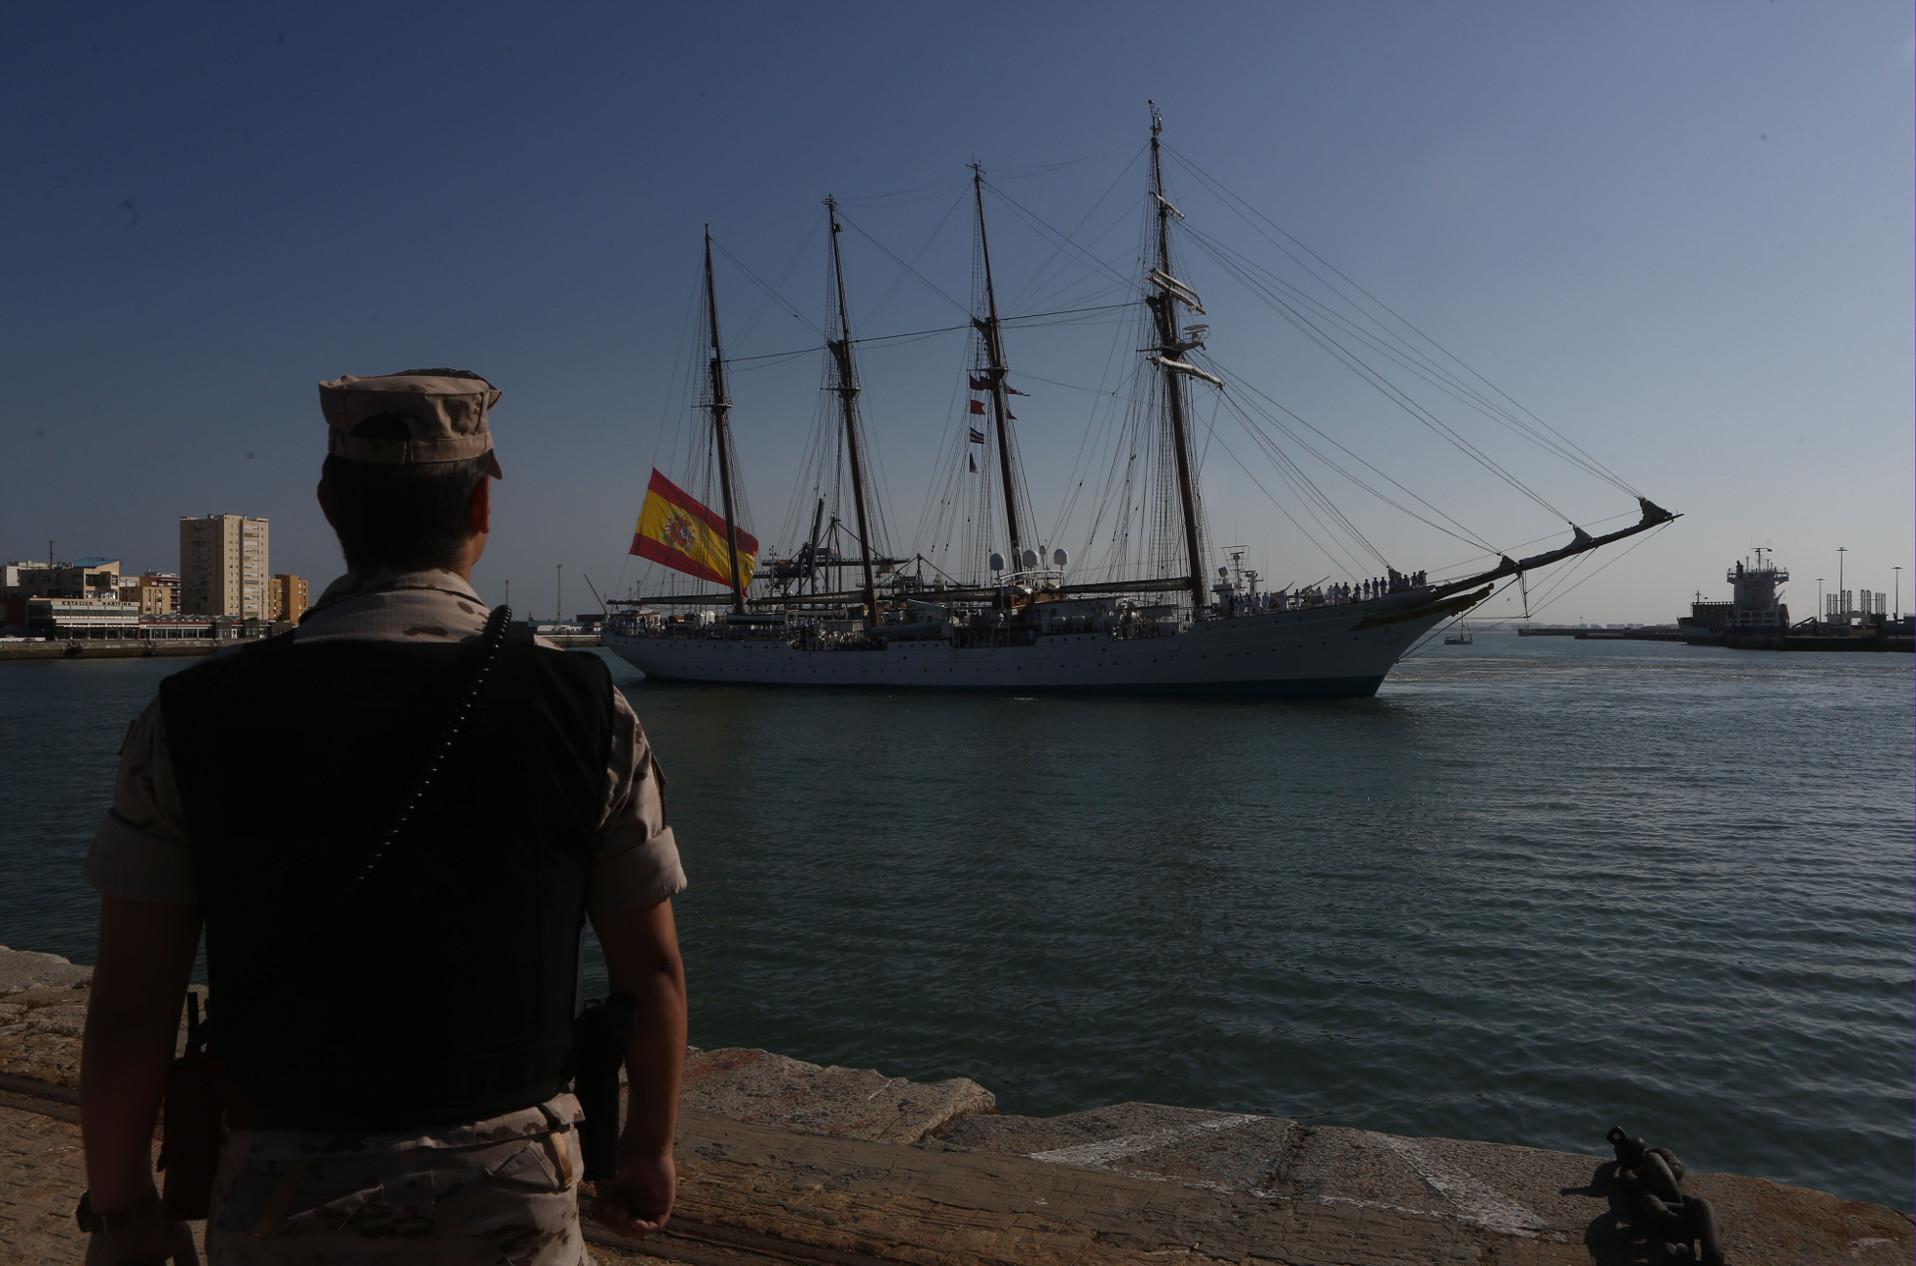 Seis meses y once puertos, así será el 90 crucero de instrucción del Elcano